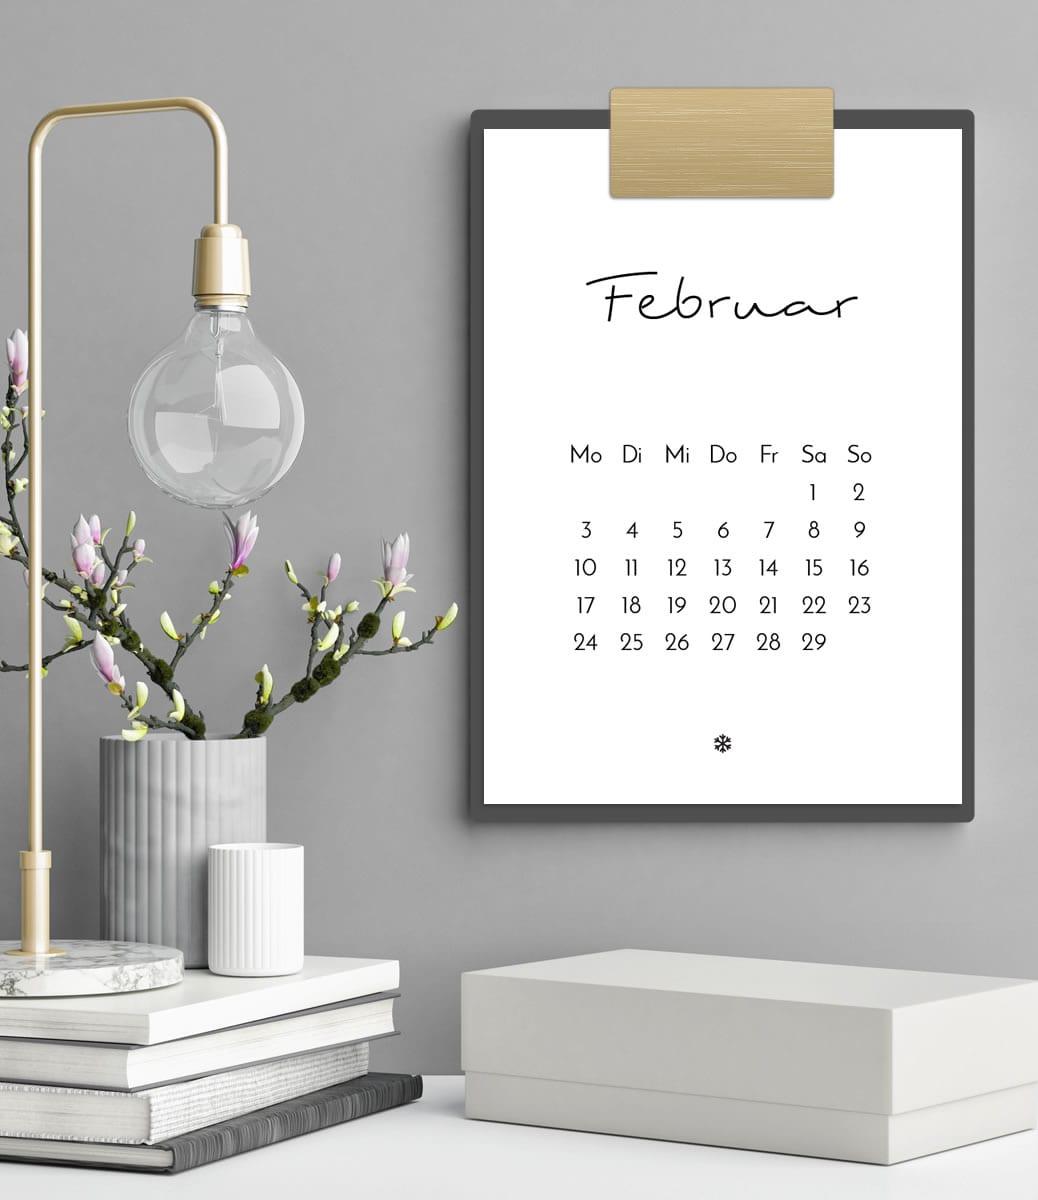 Druckvorlage für den minimalistischen Kalender 2020 - dein stylisches Wohnaccessoire | Filizity.com | Interior- & DIY-Blog und Shop #kalender #calendar #2020 #printable